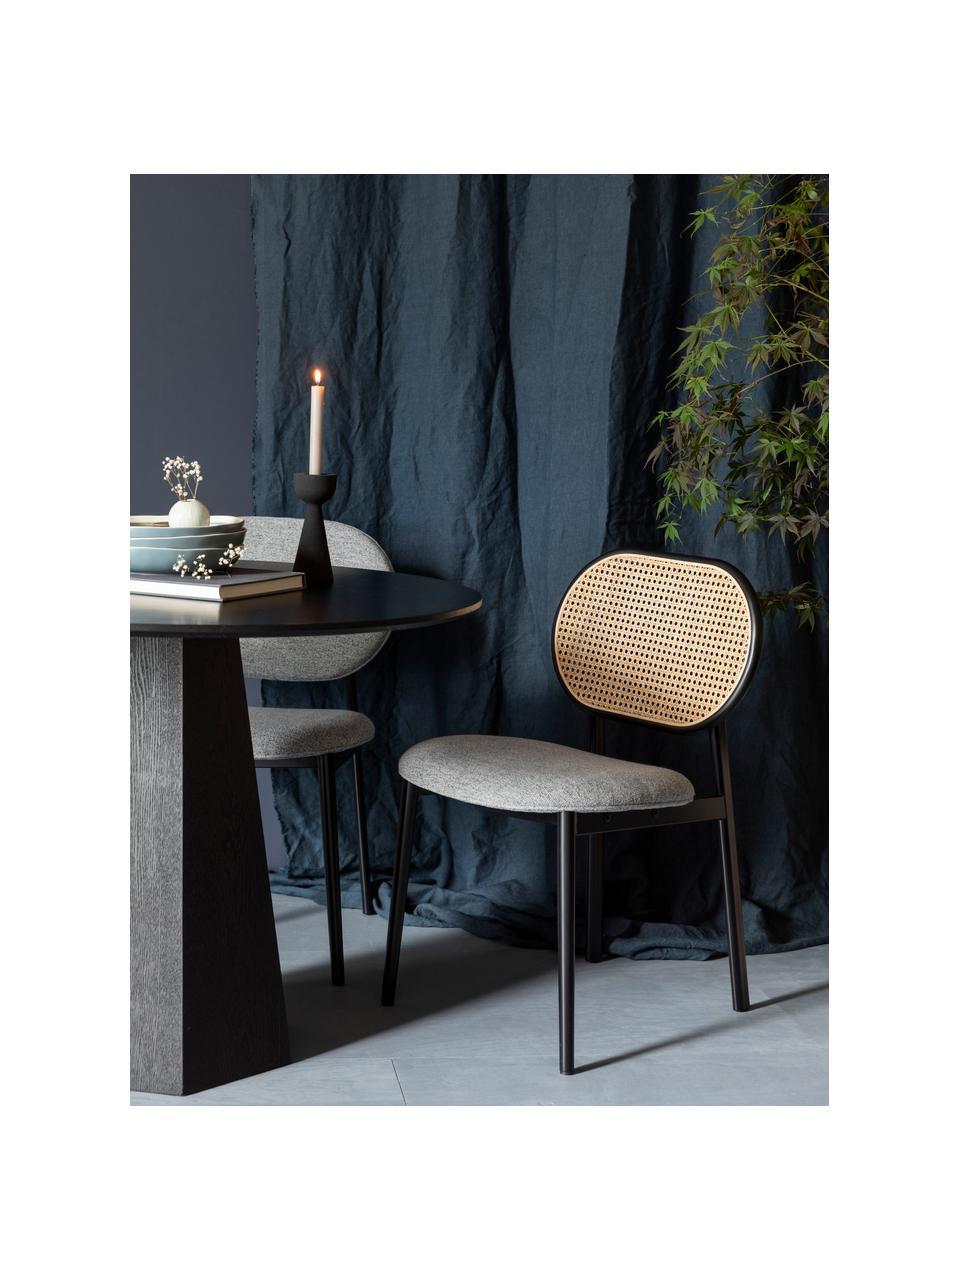 Krzesło tapicerowane z plecionką wiedeńską Spike, Tapicerka: 100% poliester Dzięki tka, Nogi: stal malowana proszkowo Z, Szary, czarny, beżowy, S 46 x G 58 cm